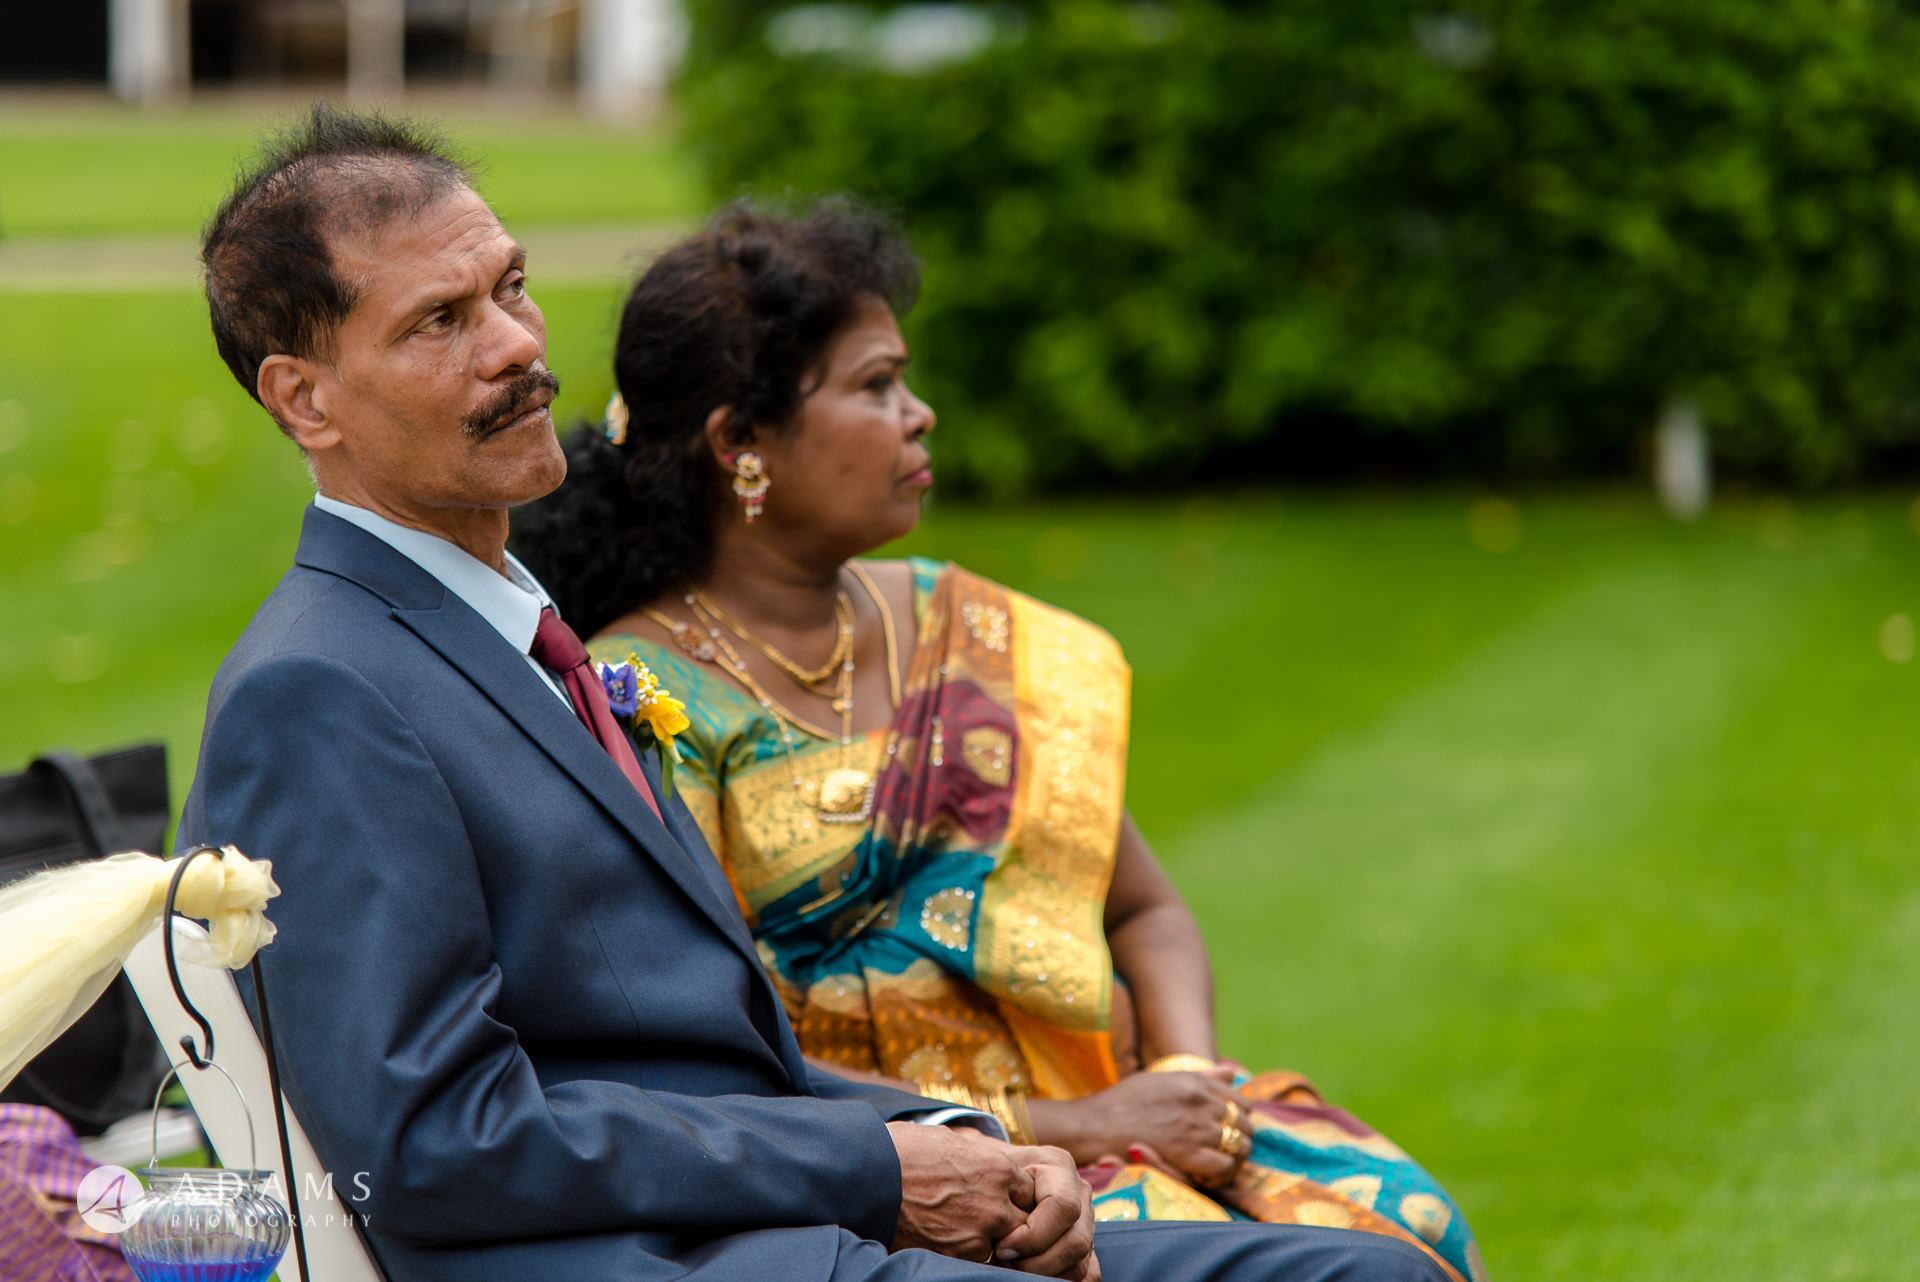 Windsor Racecourse Wedding Photographer | Saranya + Gobi 74